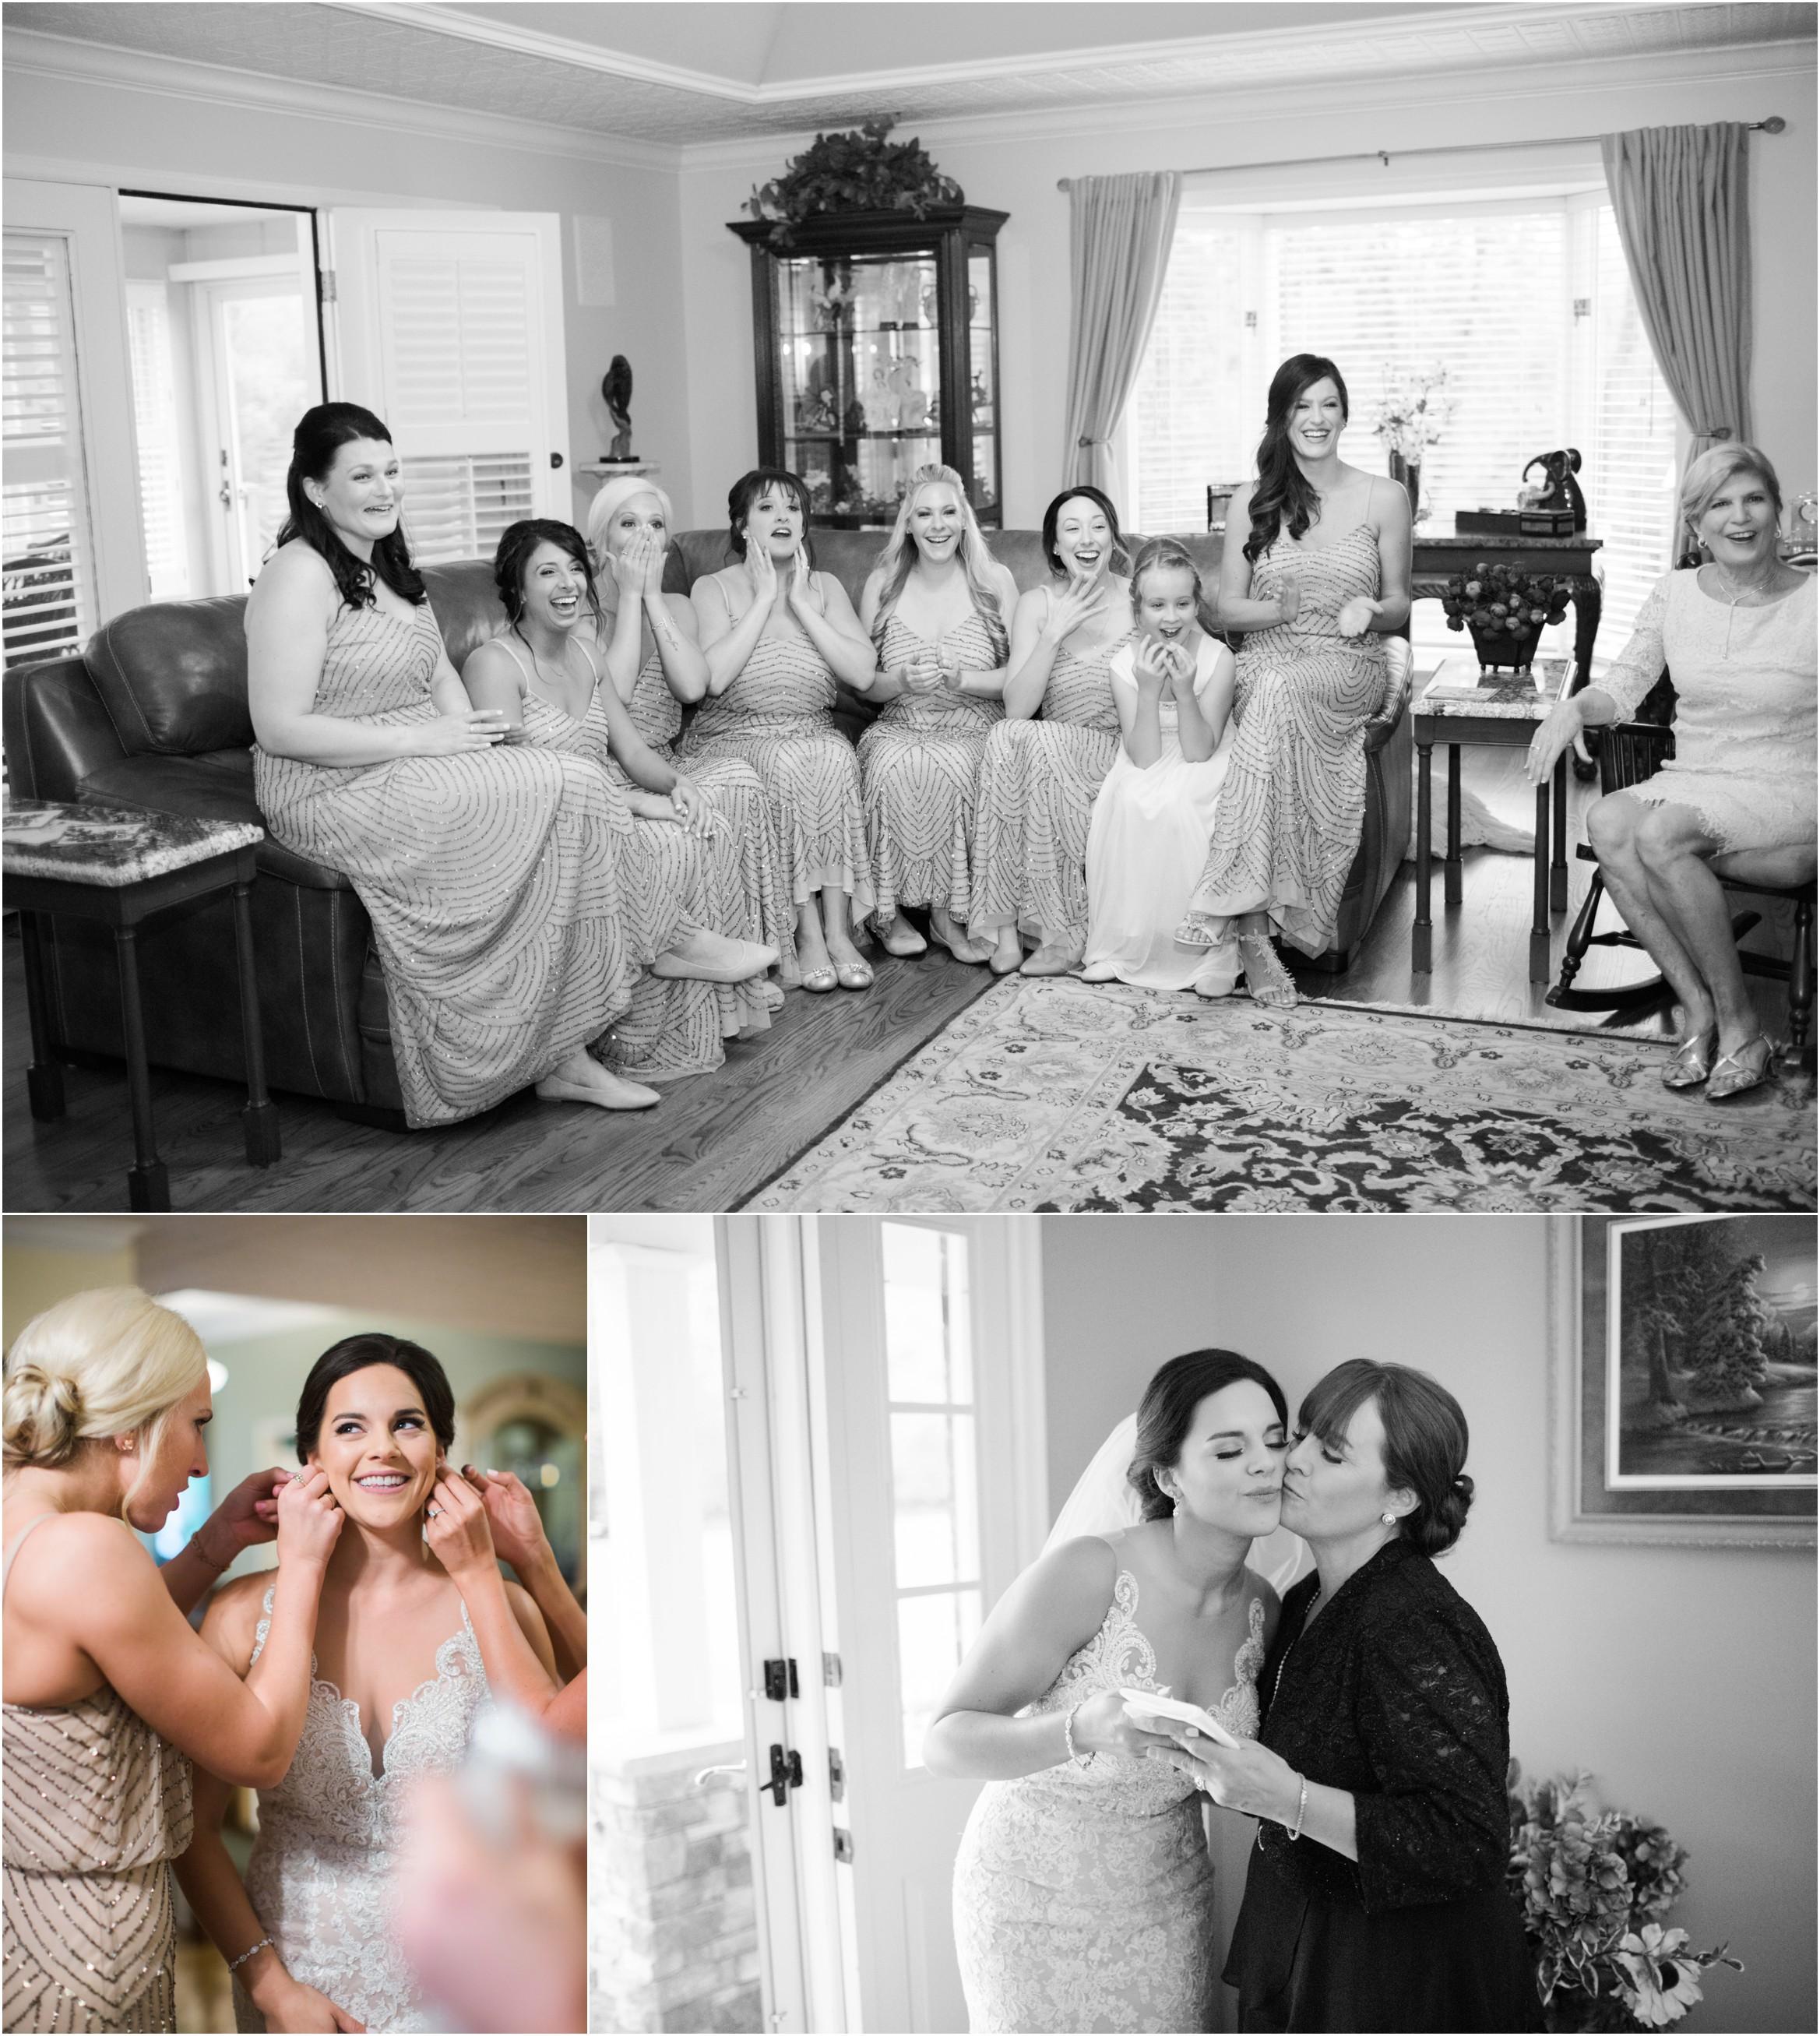 st louis photography_maternity_lauren muckler photography_film_st louis film photographer_0799.jpg